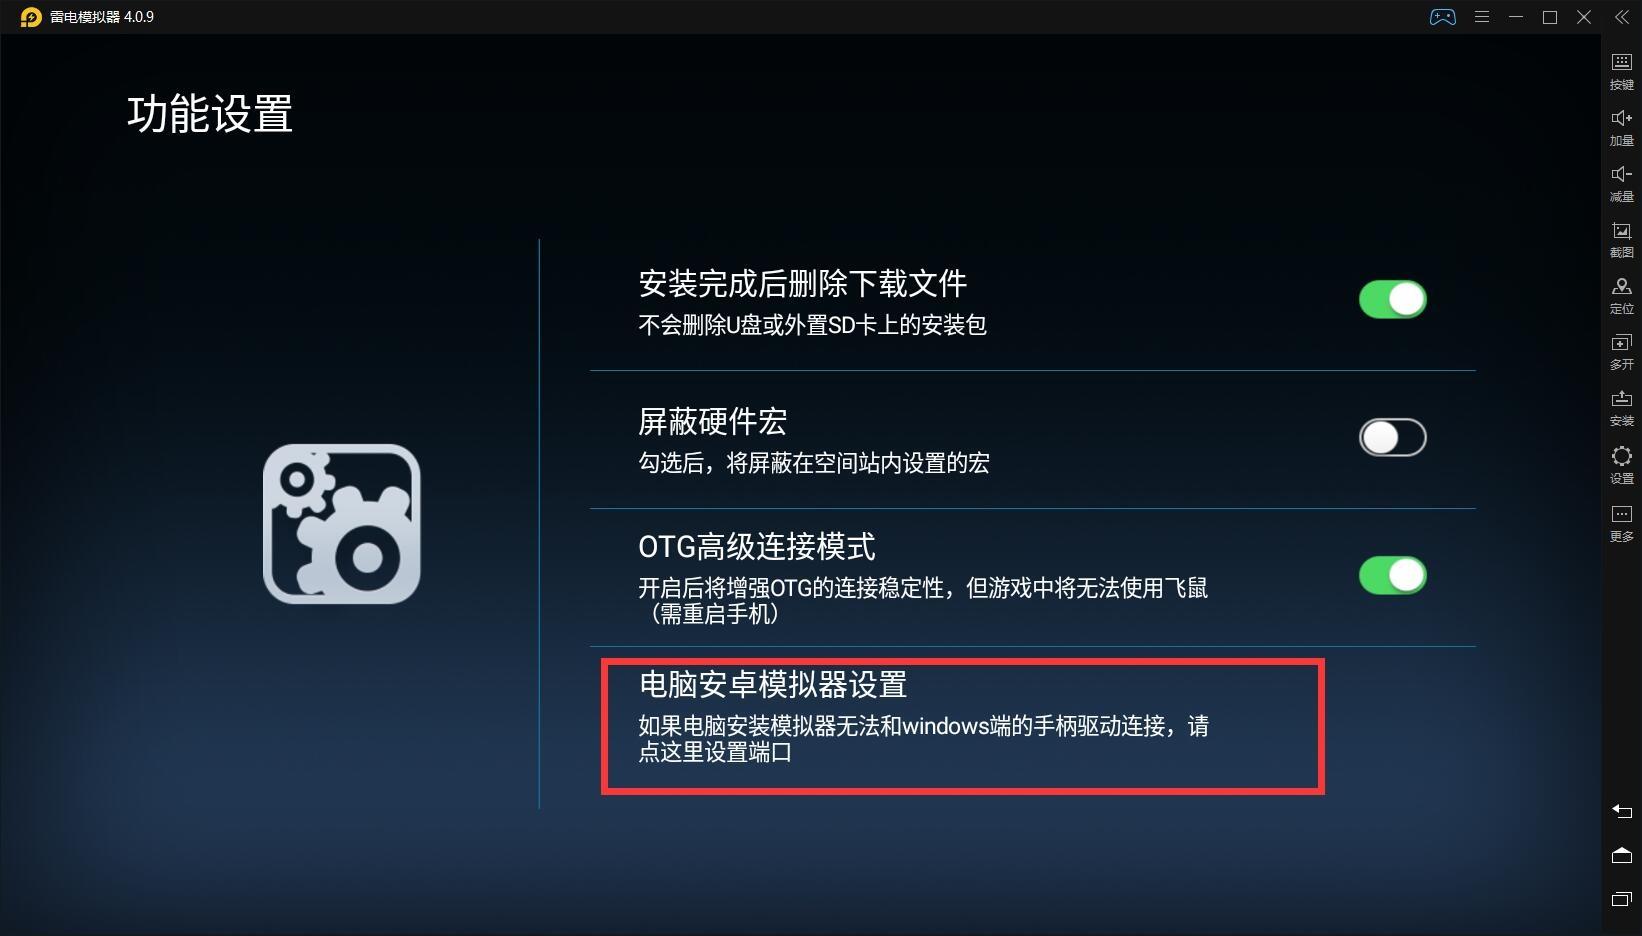 【雷电说明书】飞智手柄连接不上安卓模拟器飞智游戏厅如何处理